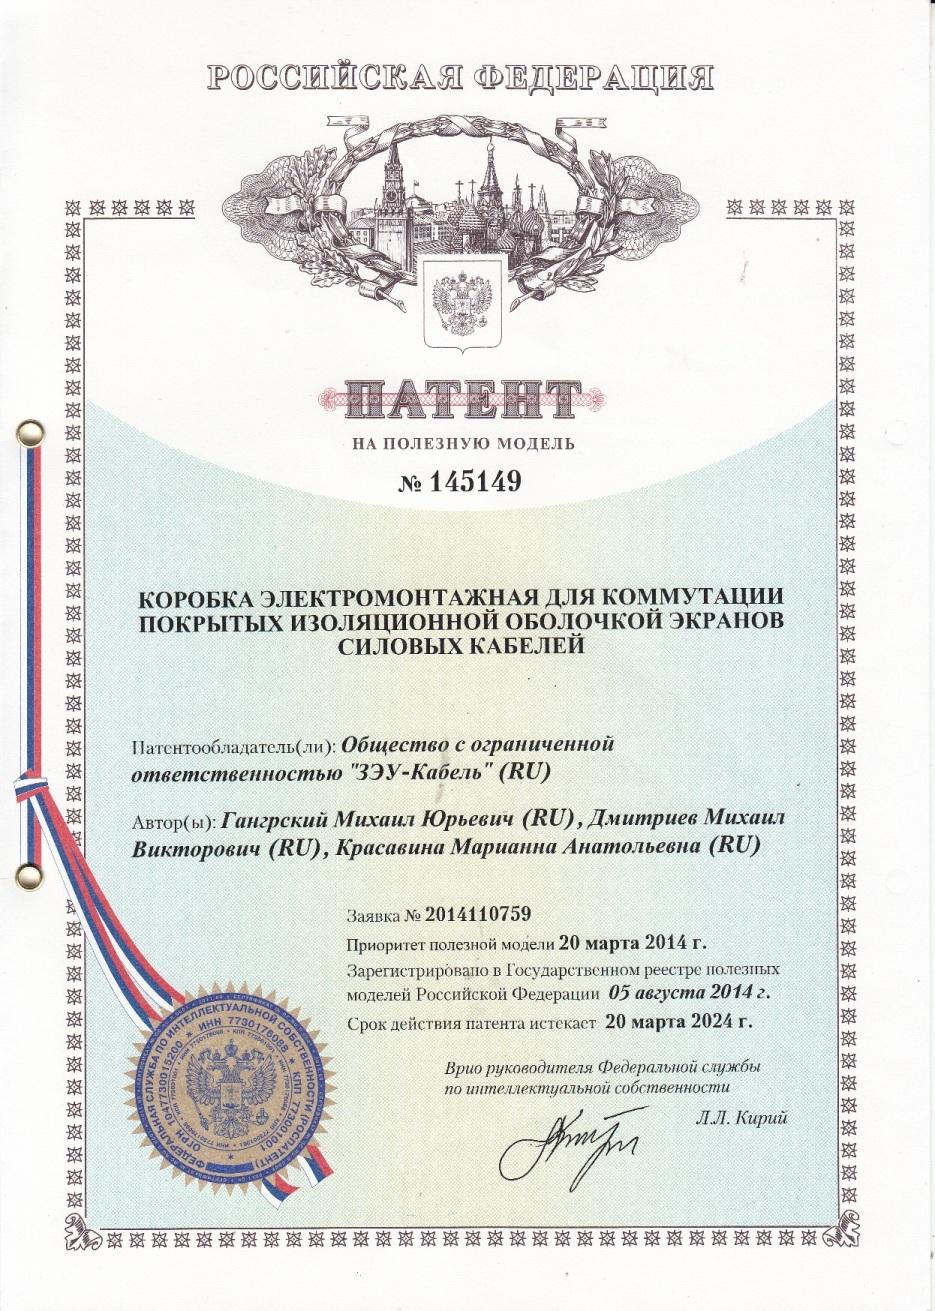 патент 4 (145149)